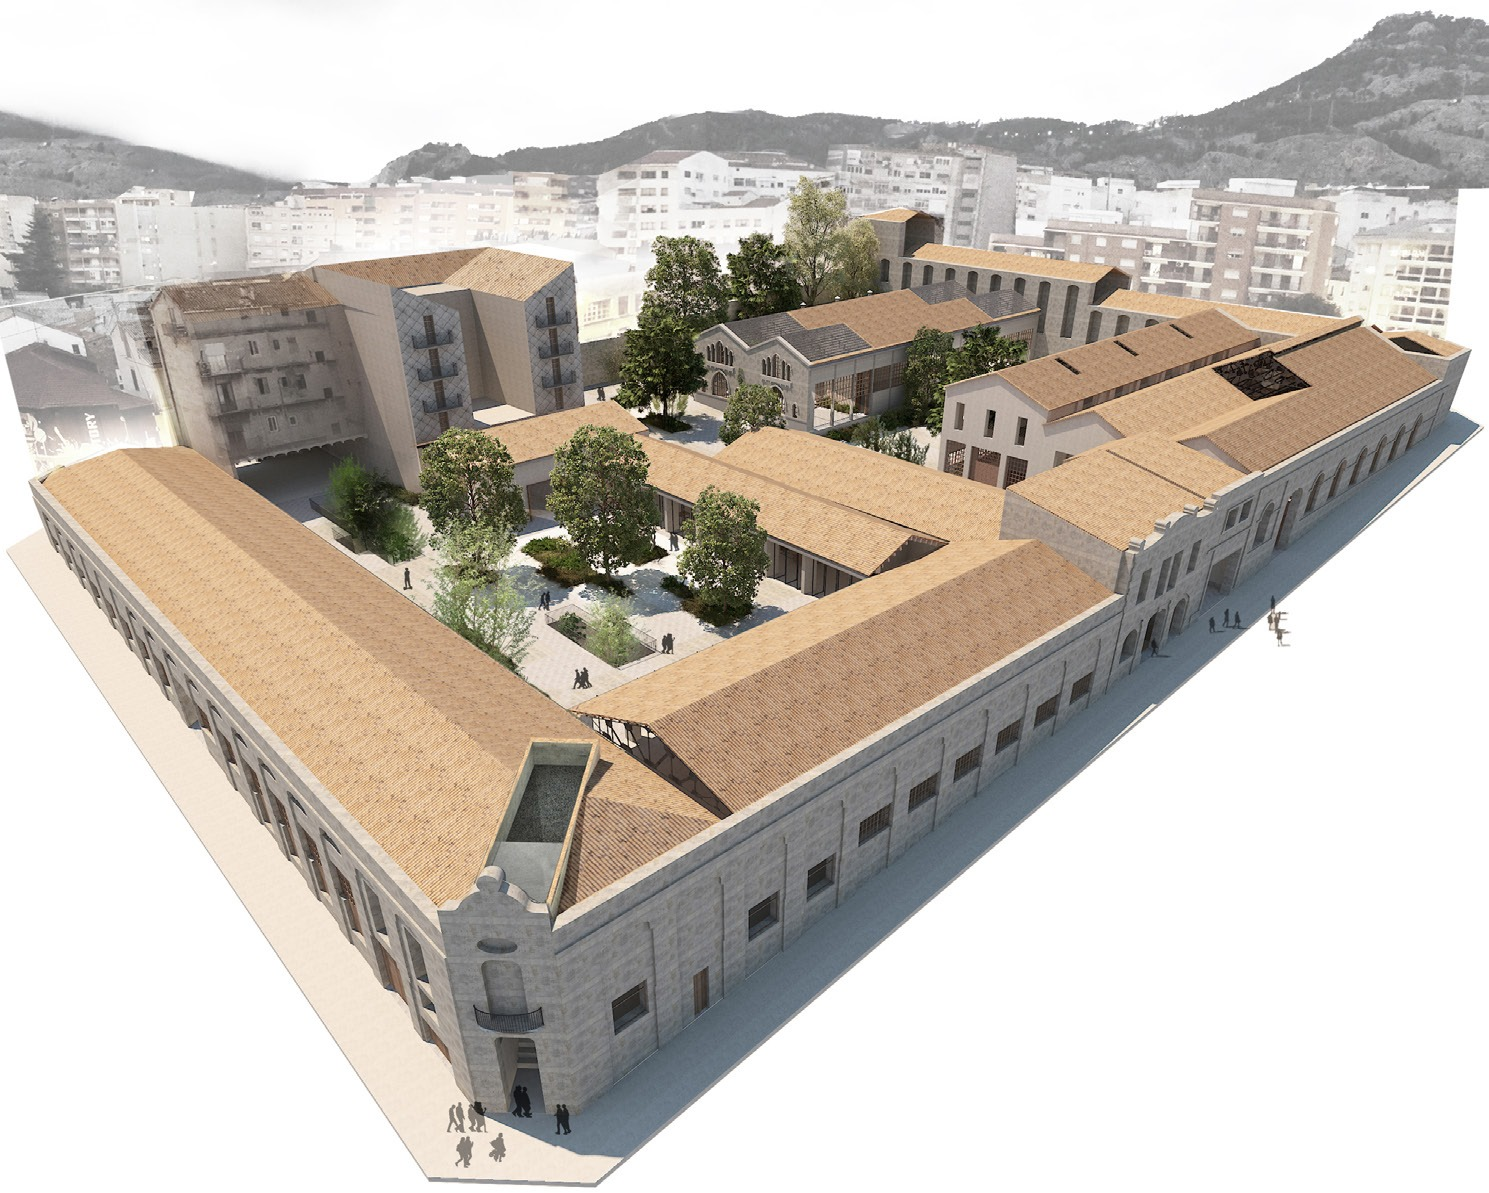 Un proyecto de ciudad inteligente